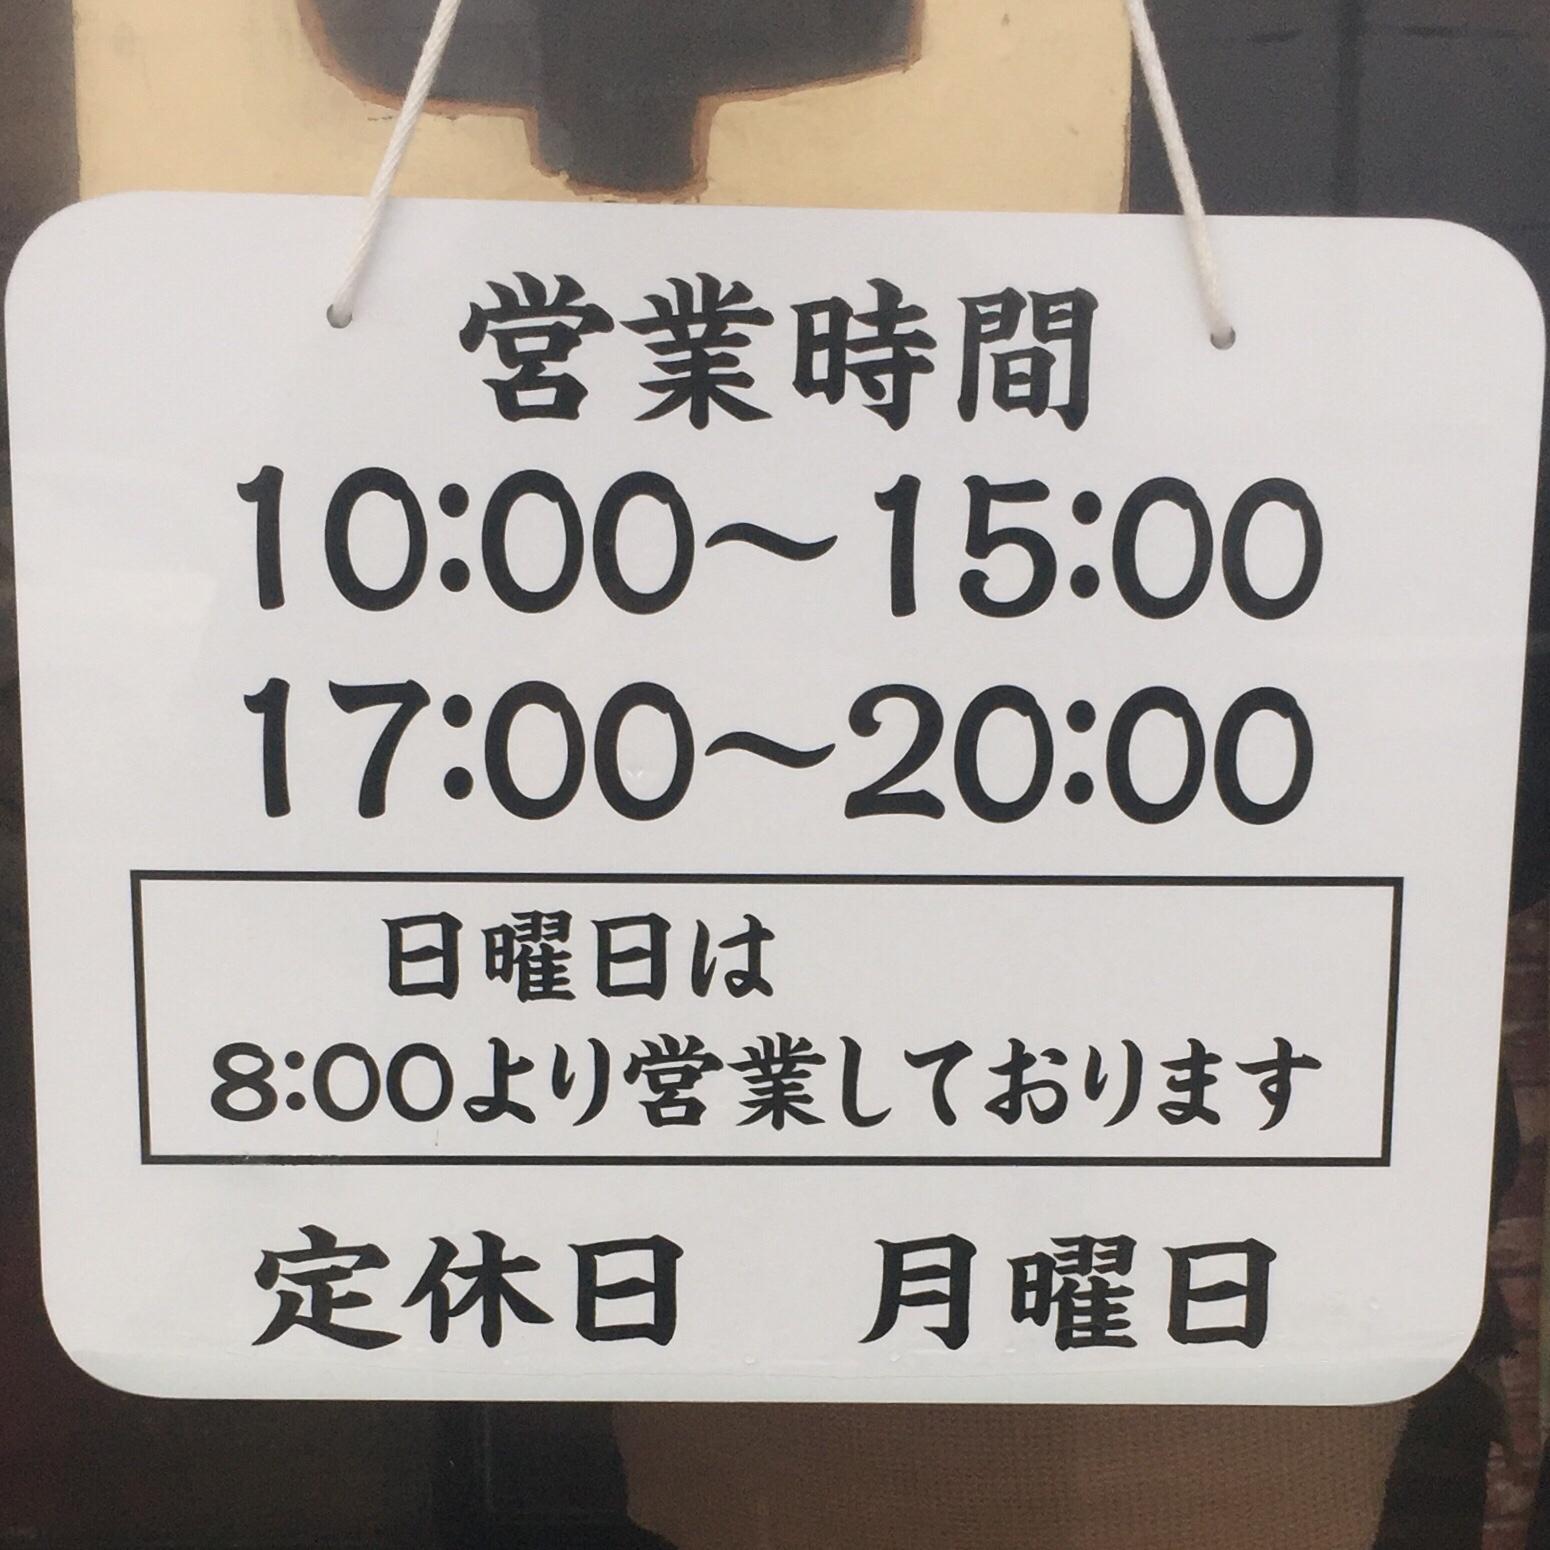 えびそば政宗 中野店 営業時間 営業案内 定休日